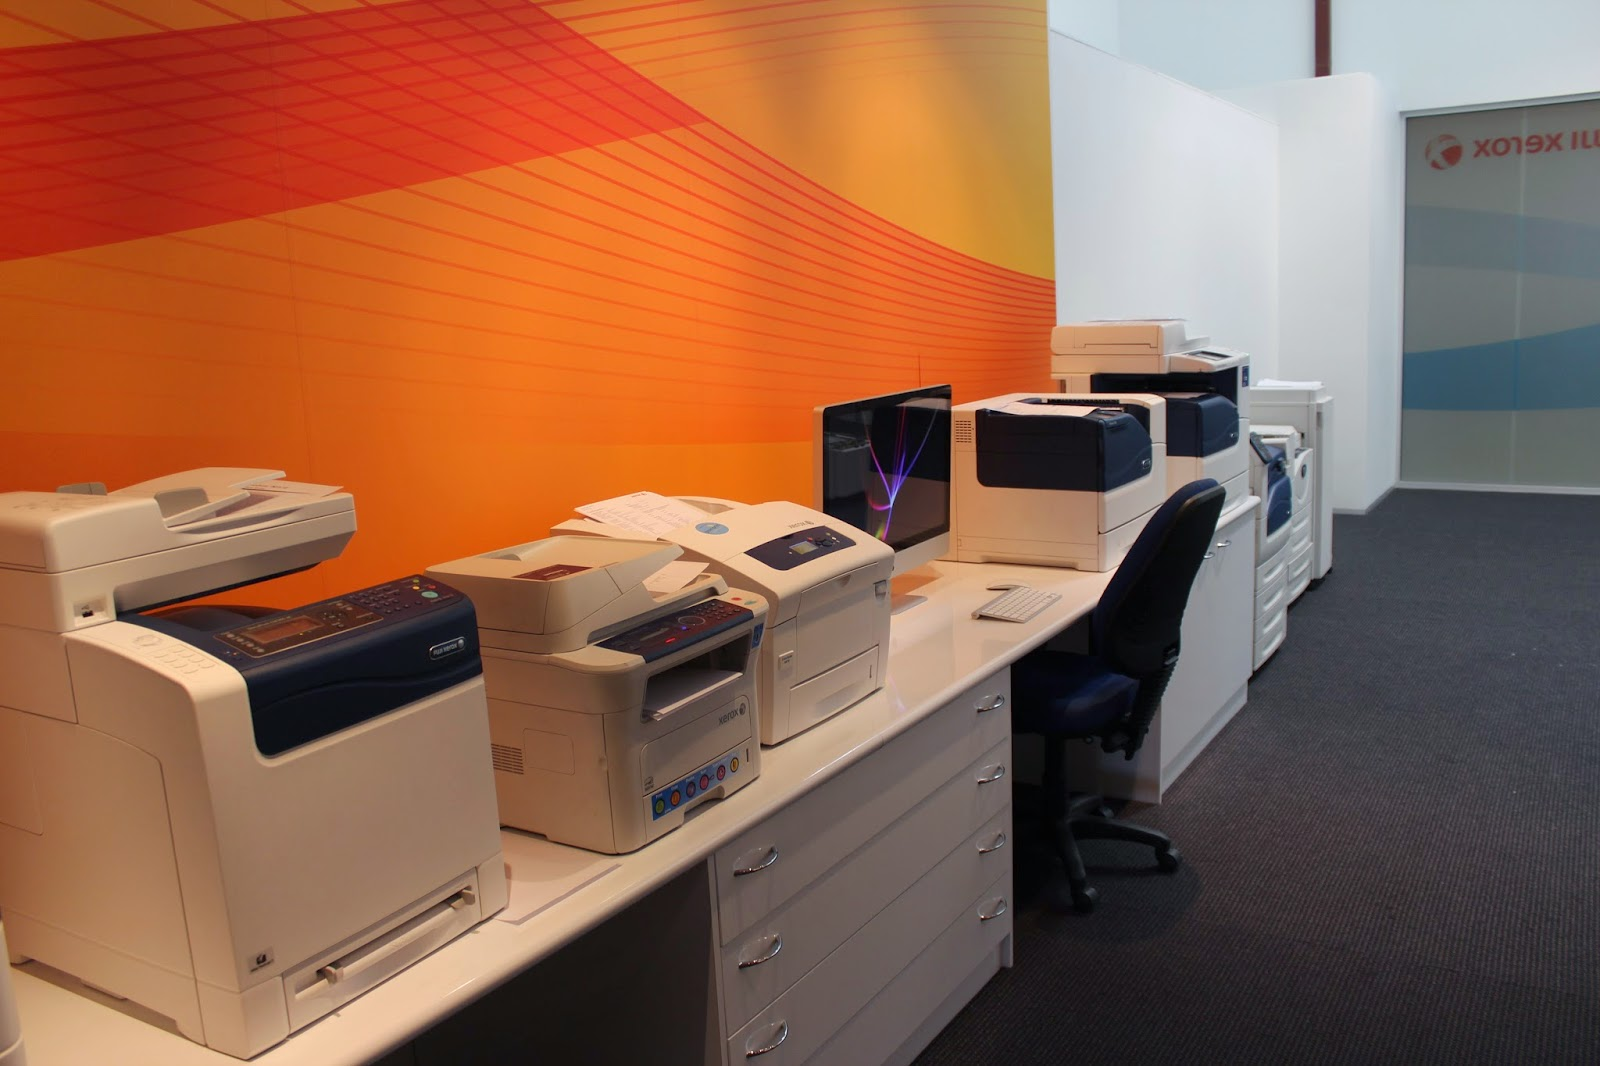 Cheap Fuji Xerox Printer Repair